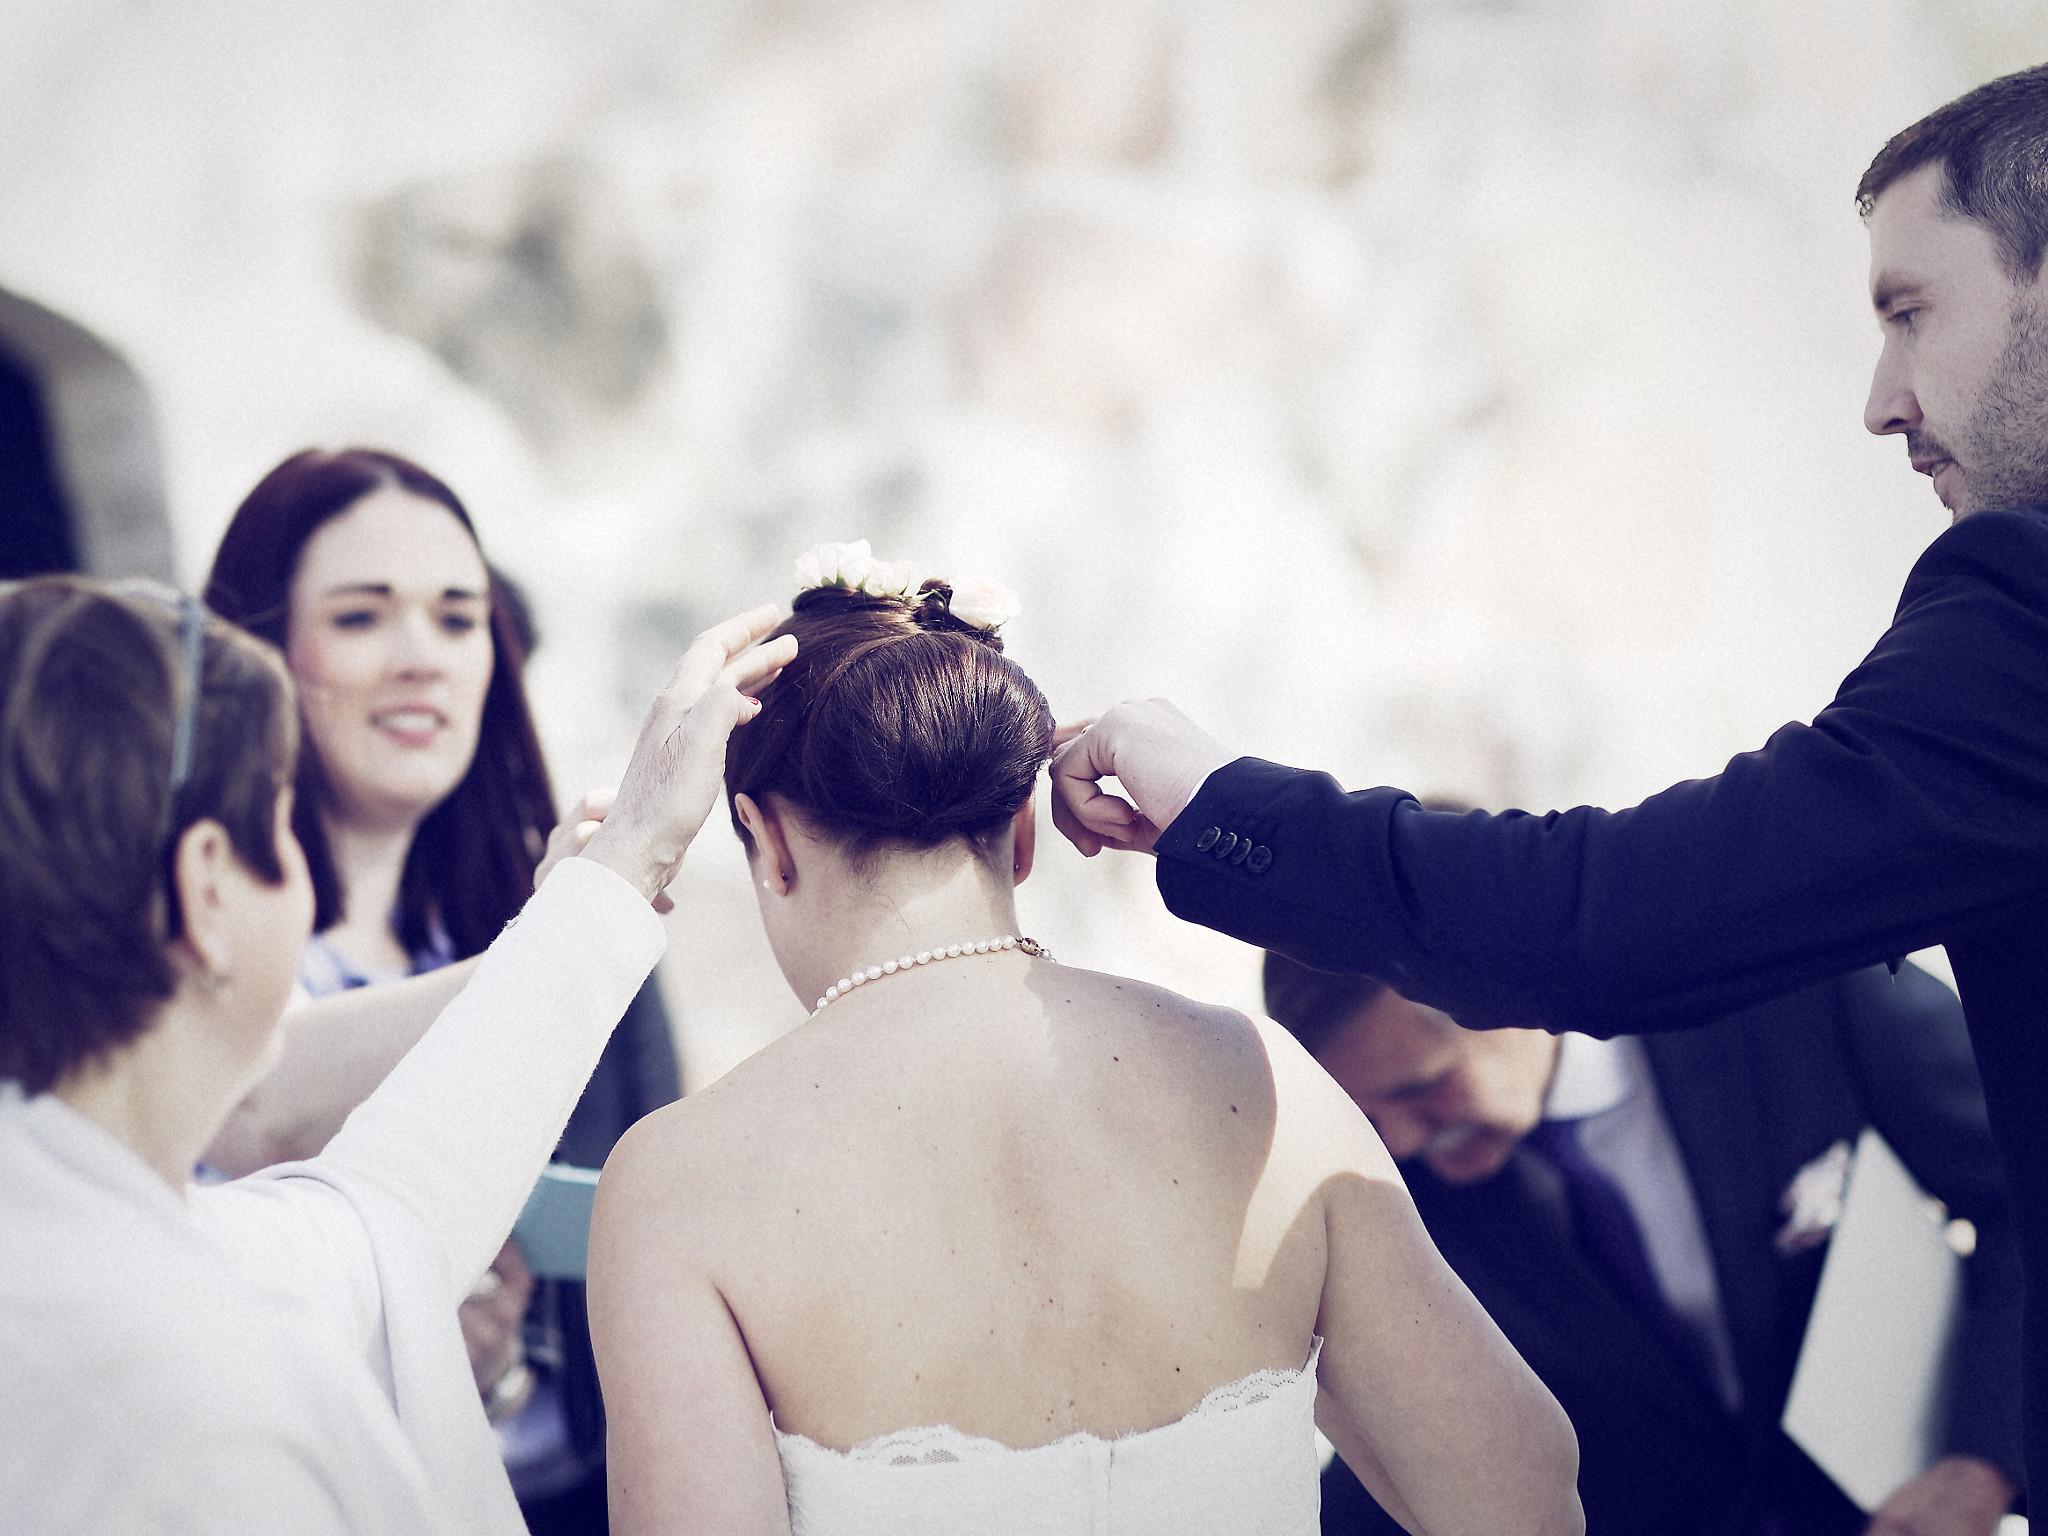 Bröllop - kyrktrappan 1